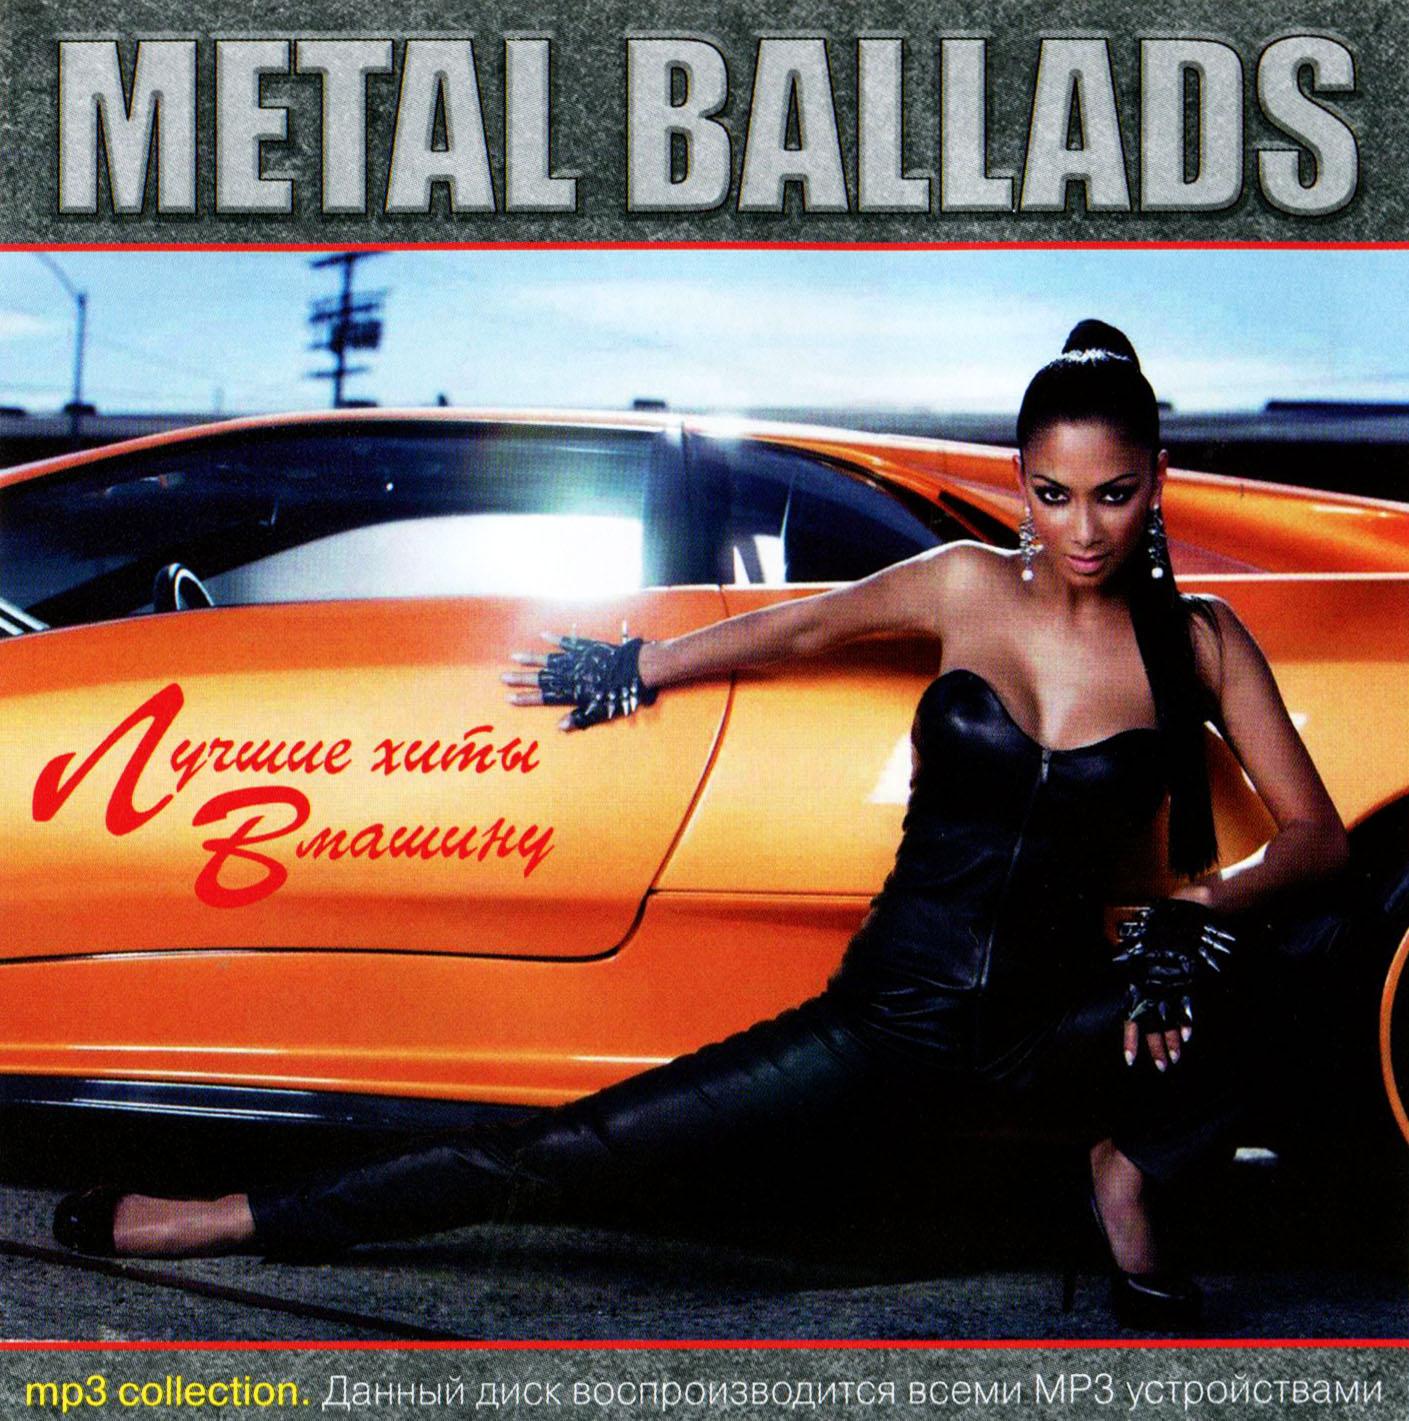 Metal Ballads - Лучшие хиты в машину [mp3]